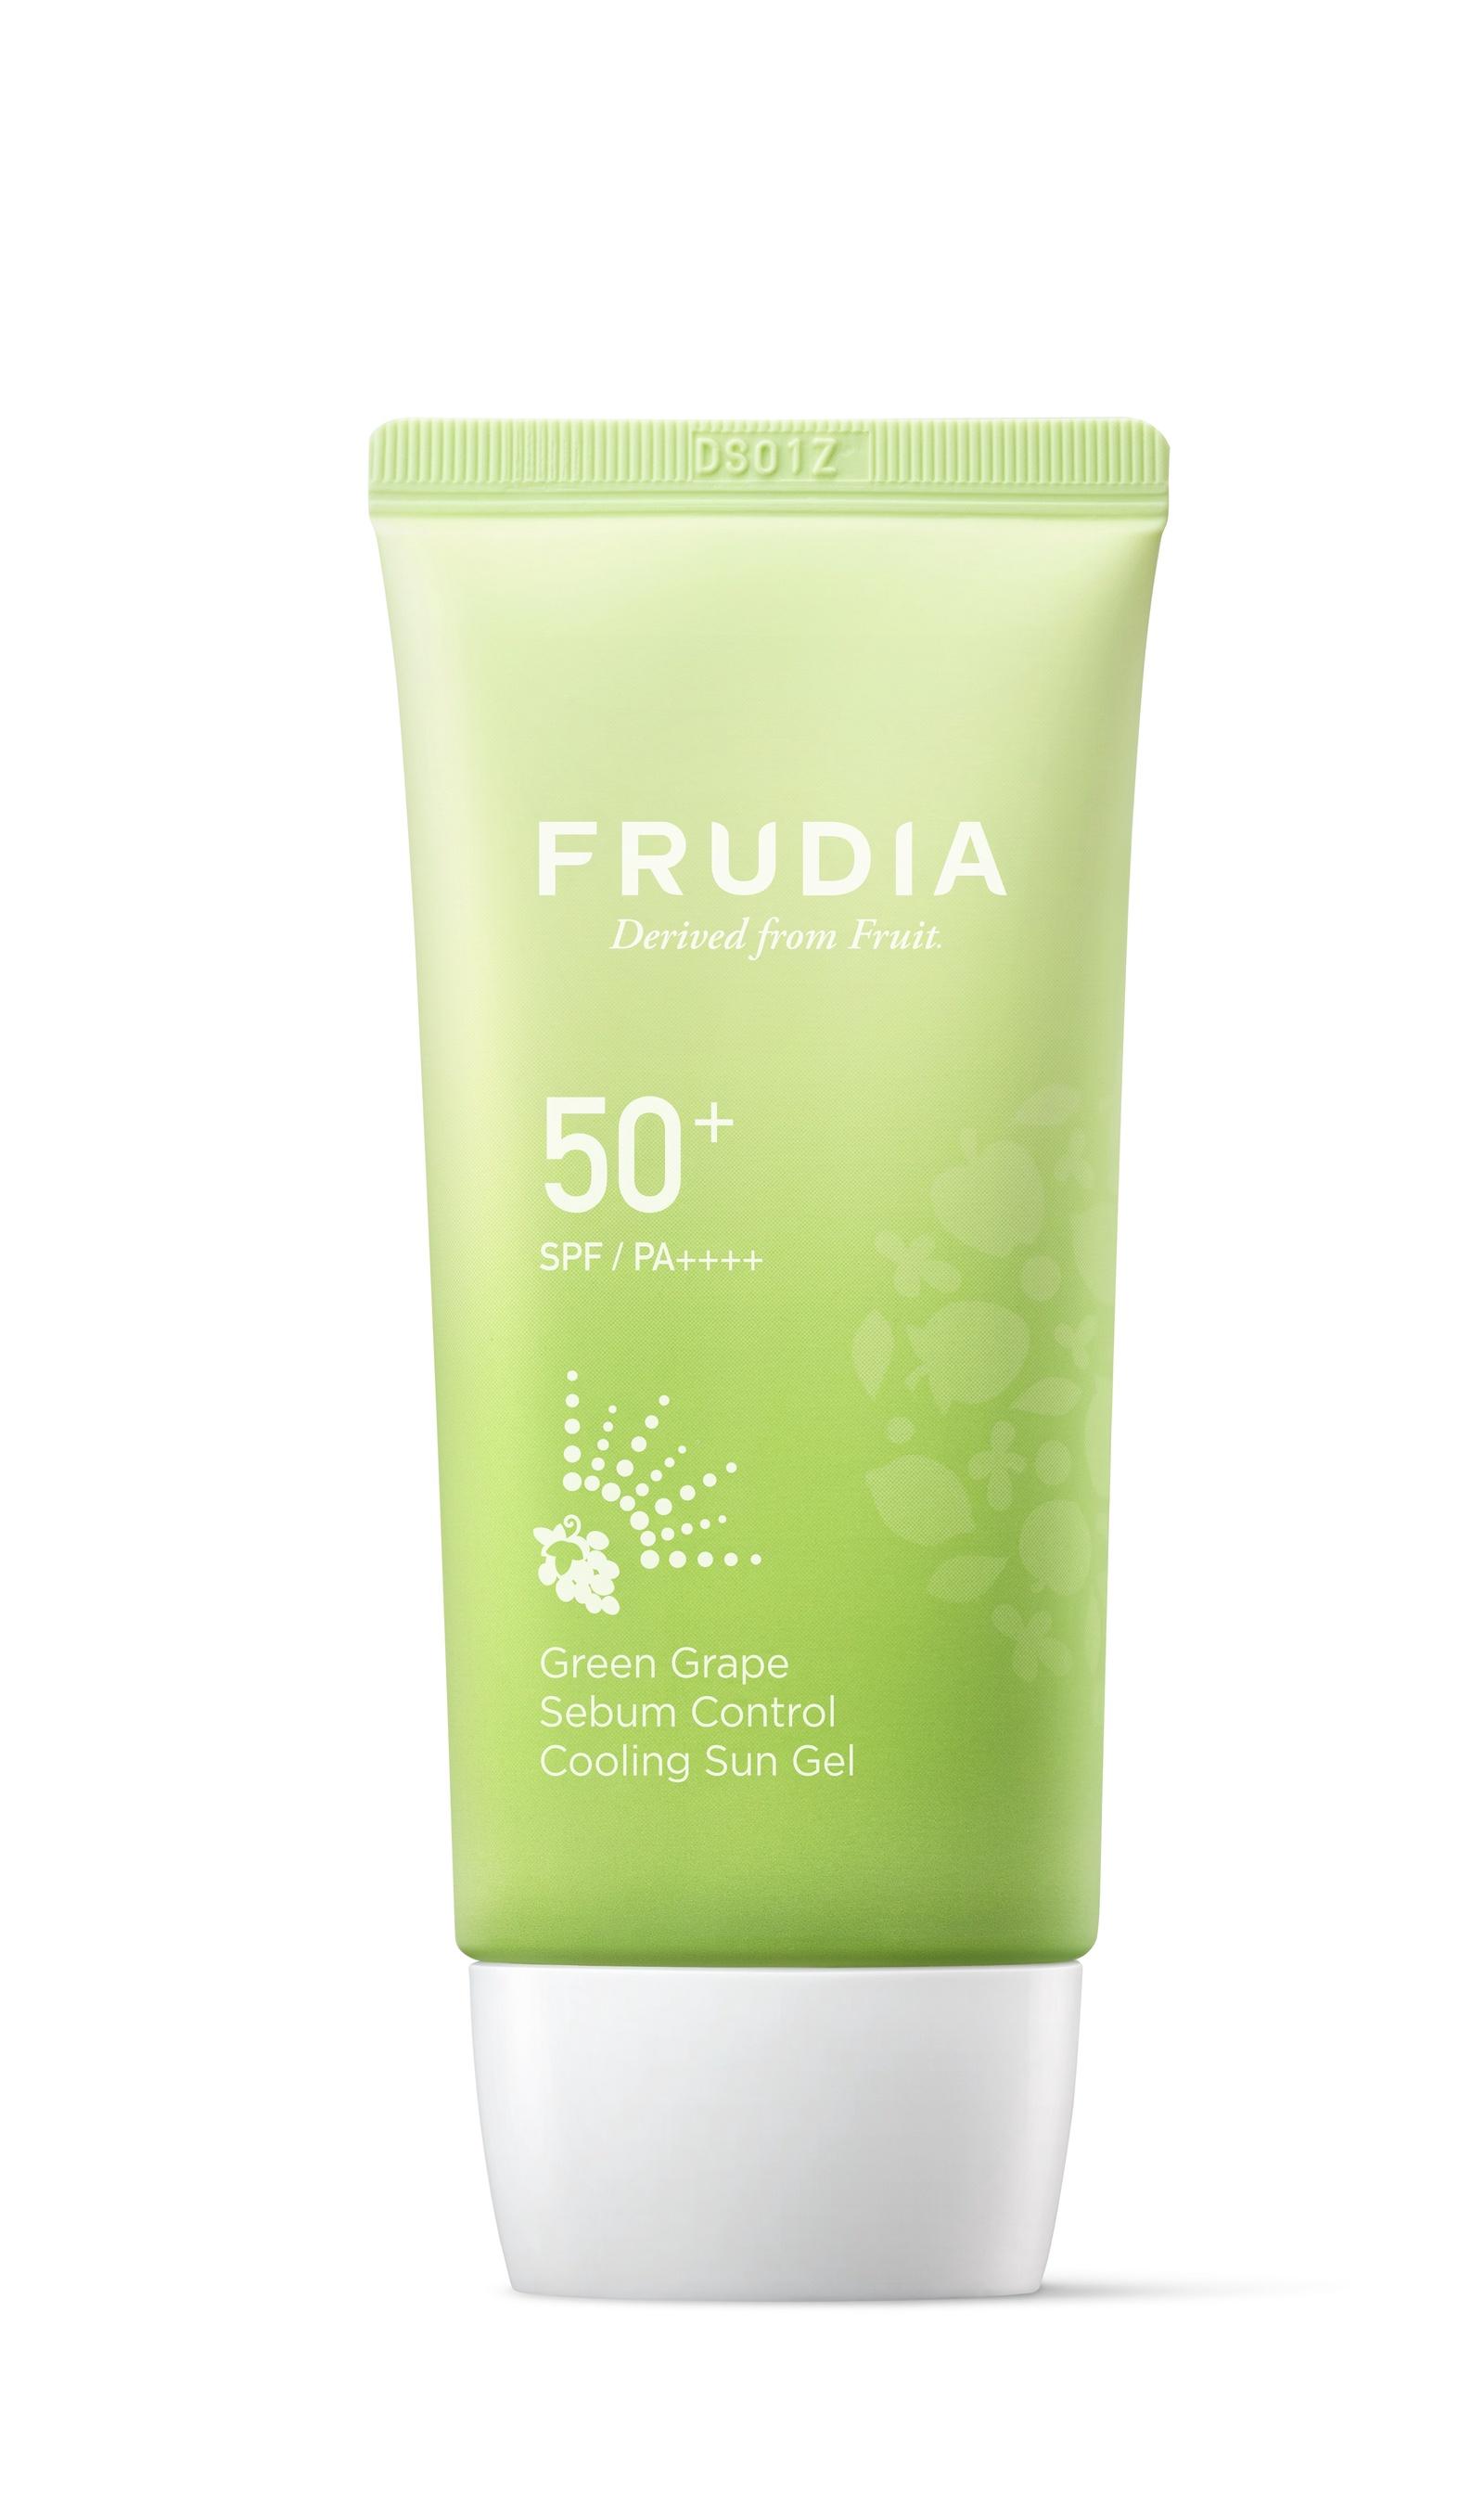 Frudia Солнезащитный гель с зеленым виноградом Себум контроль SPF50+ PA++++